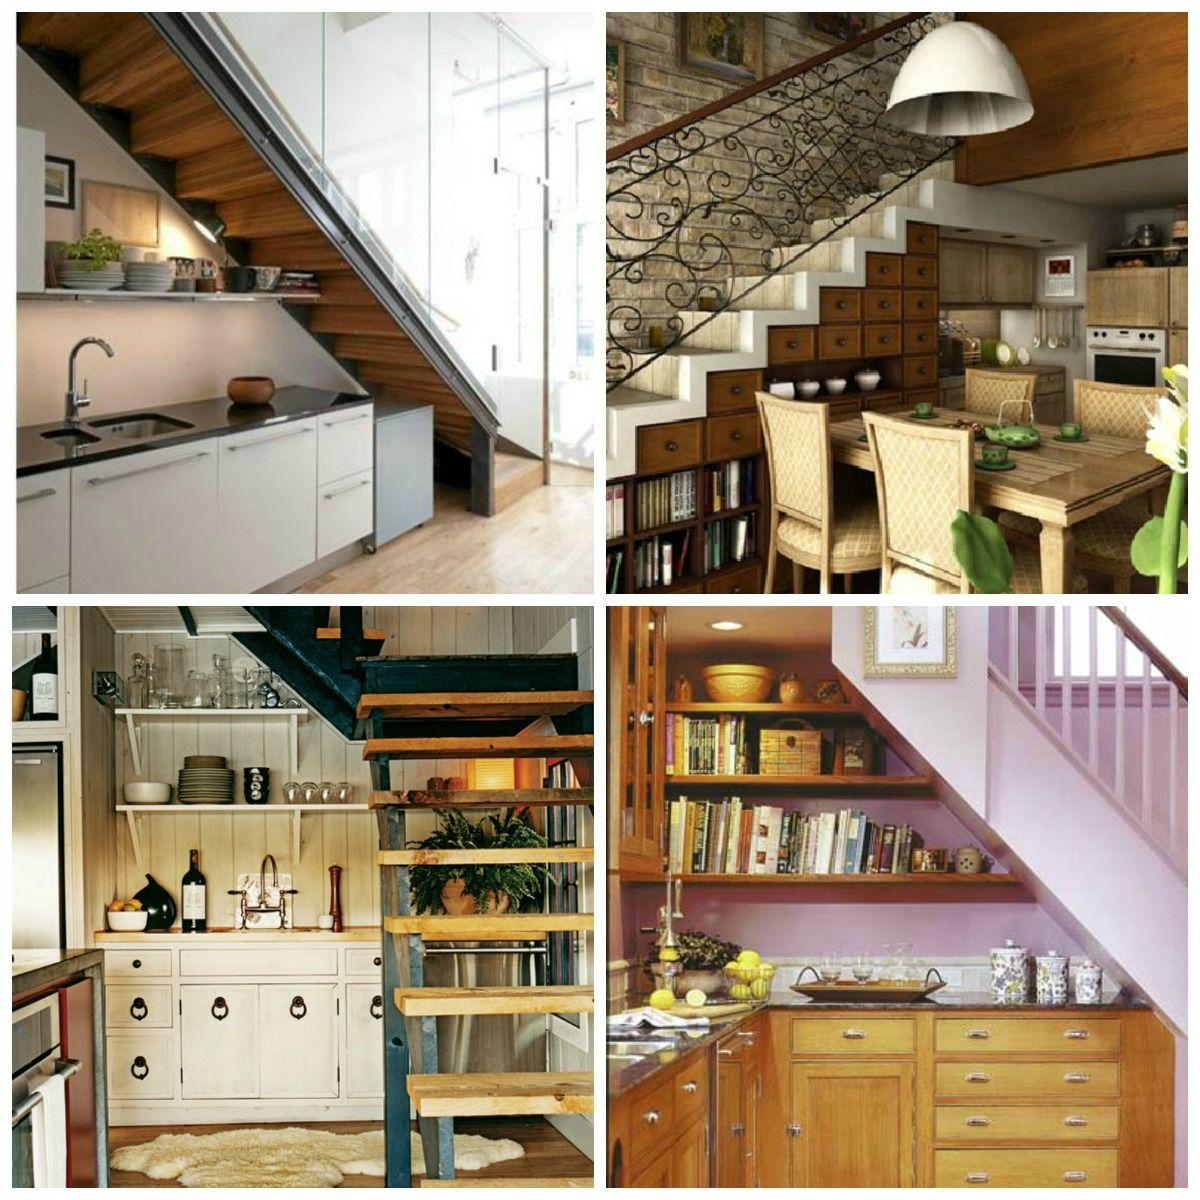 under stair storage systems gallery modern new 2017 design ideas storage under stairs kitchen on kitchen under stairs id=88476